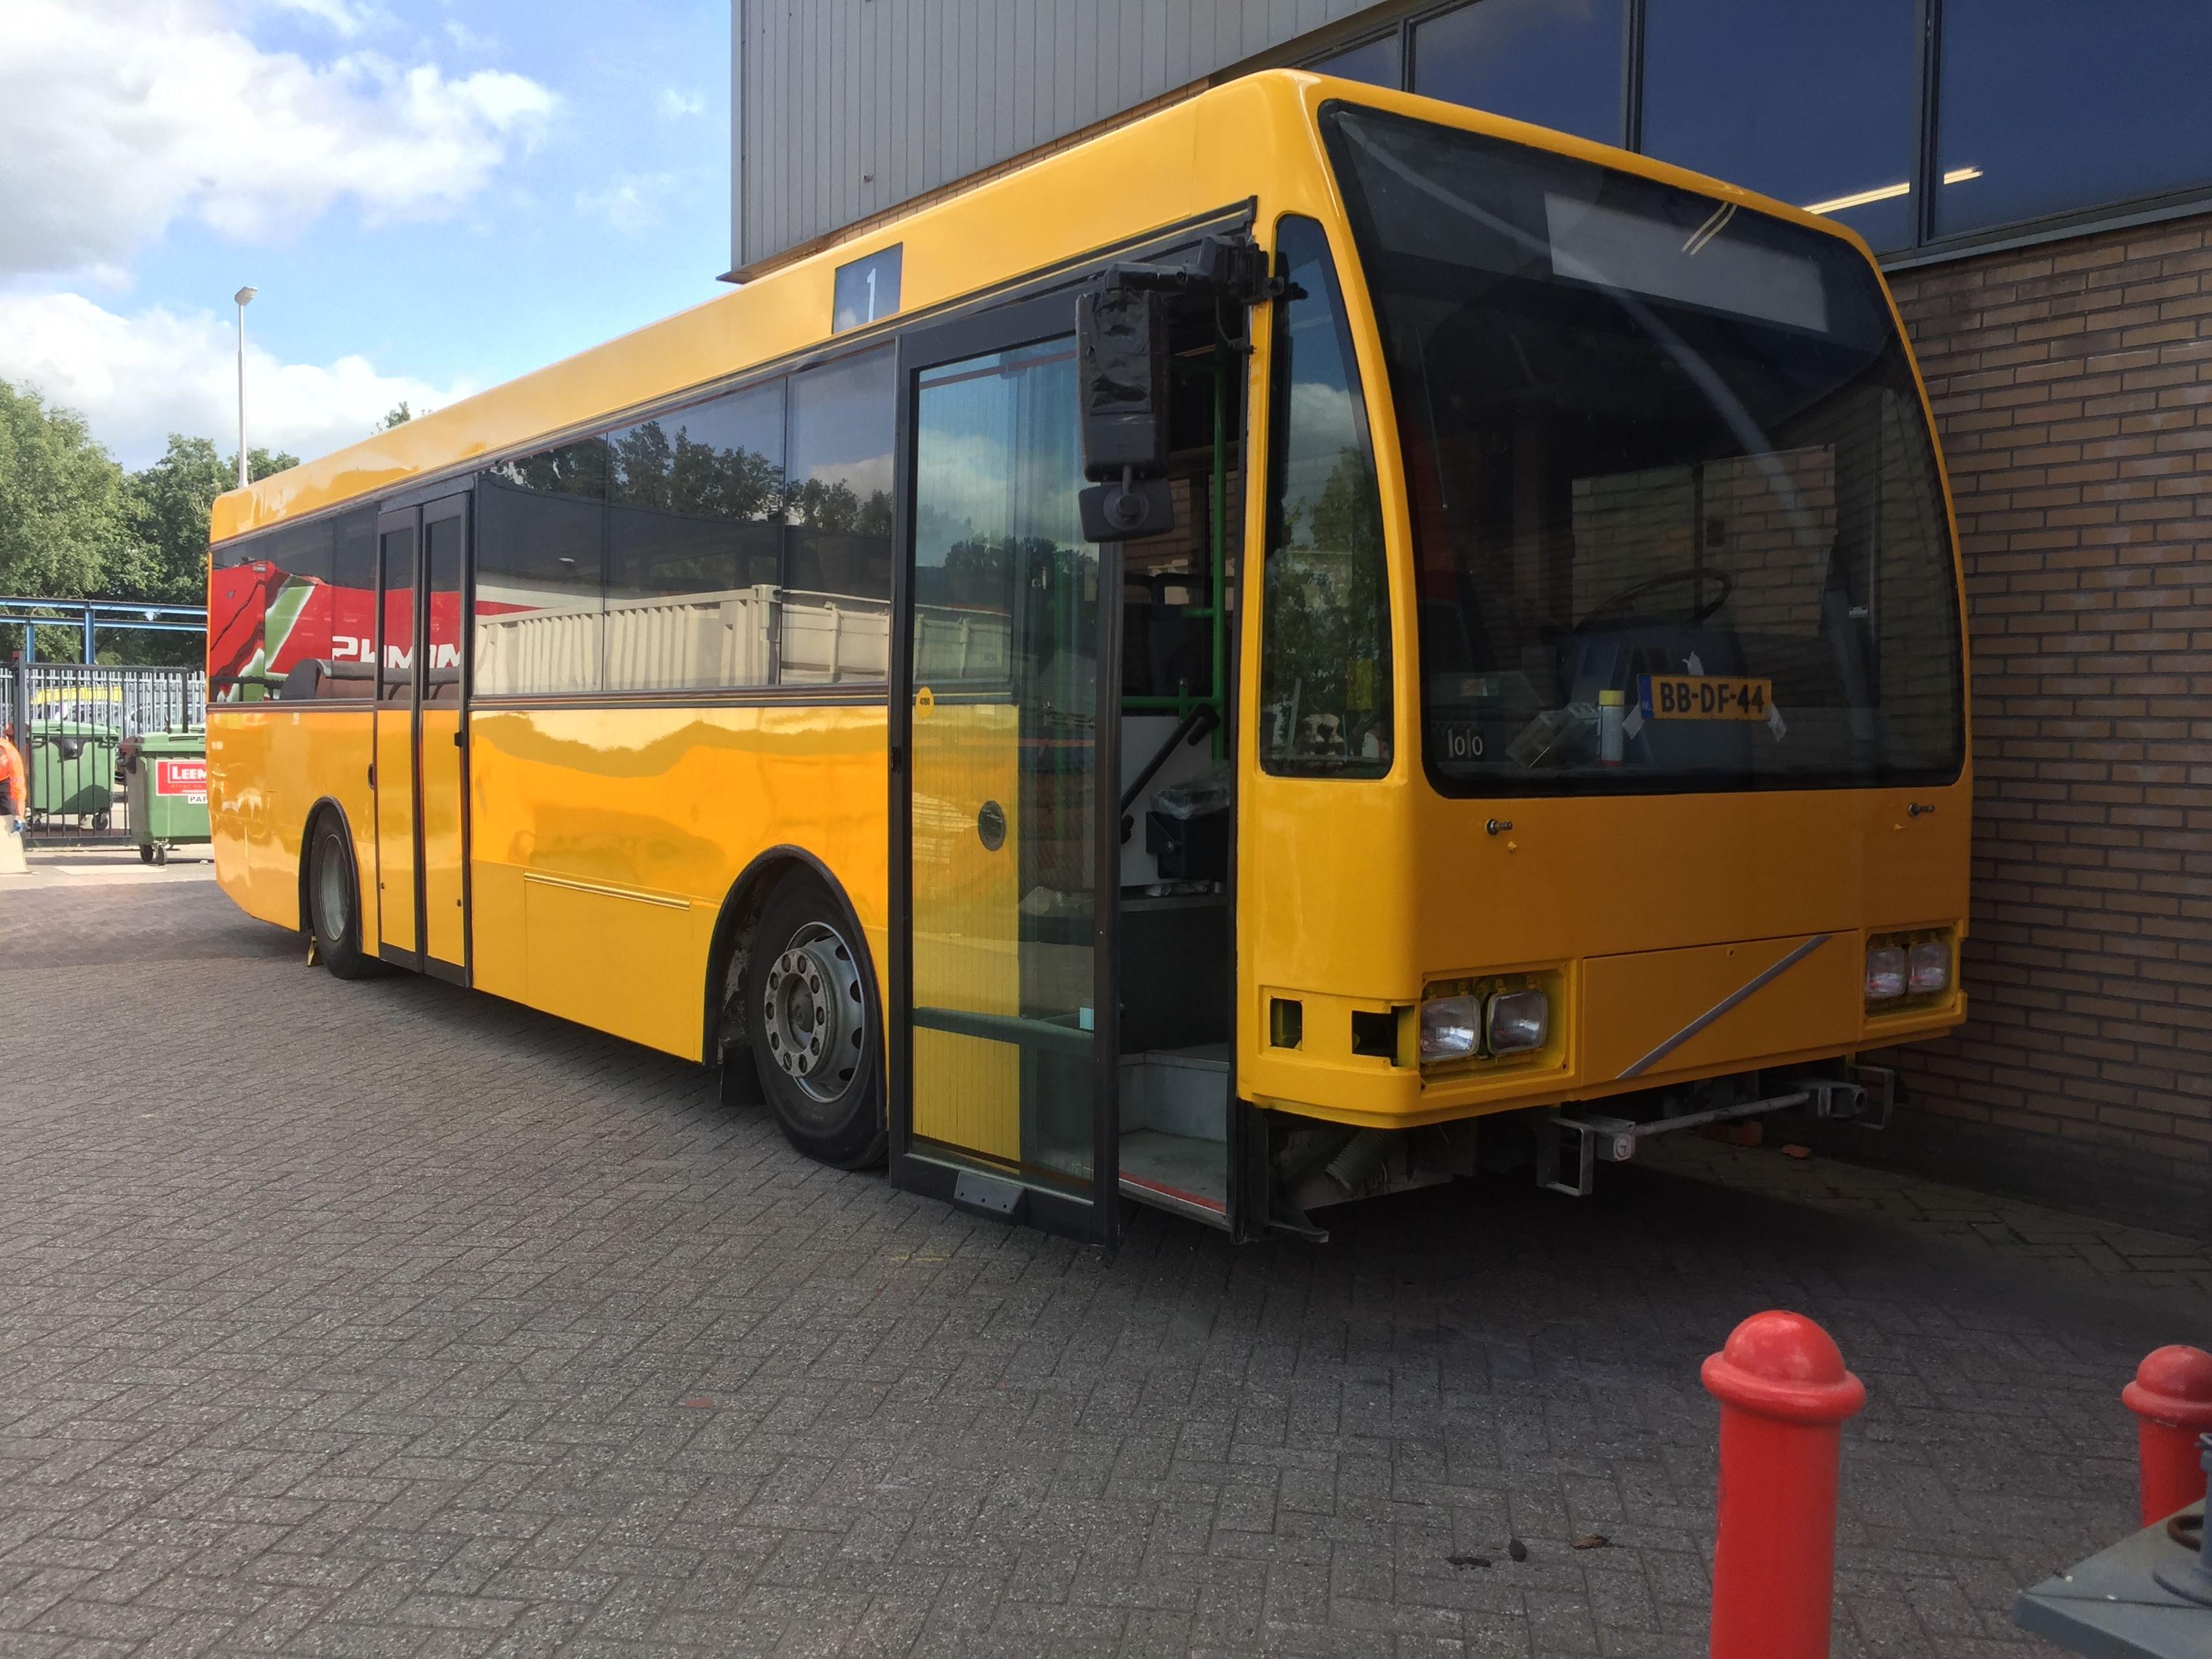 Spuiten, natlak, spuiterij, Volvo, VAD, paint, verf, AS Paint, Stichting Veteraan Autobussen,